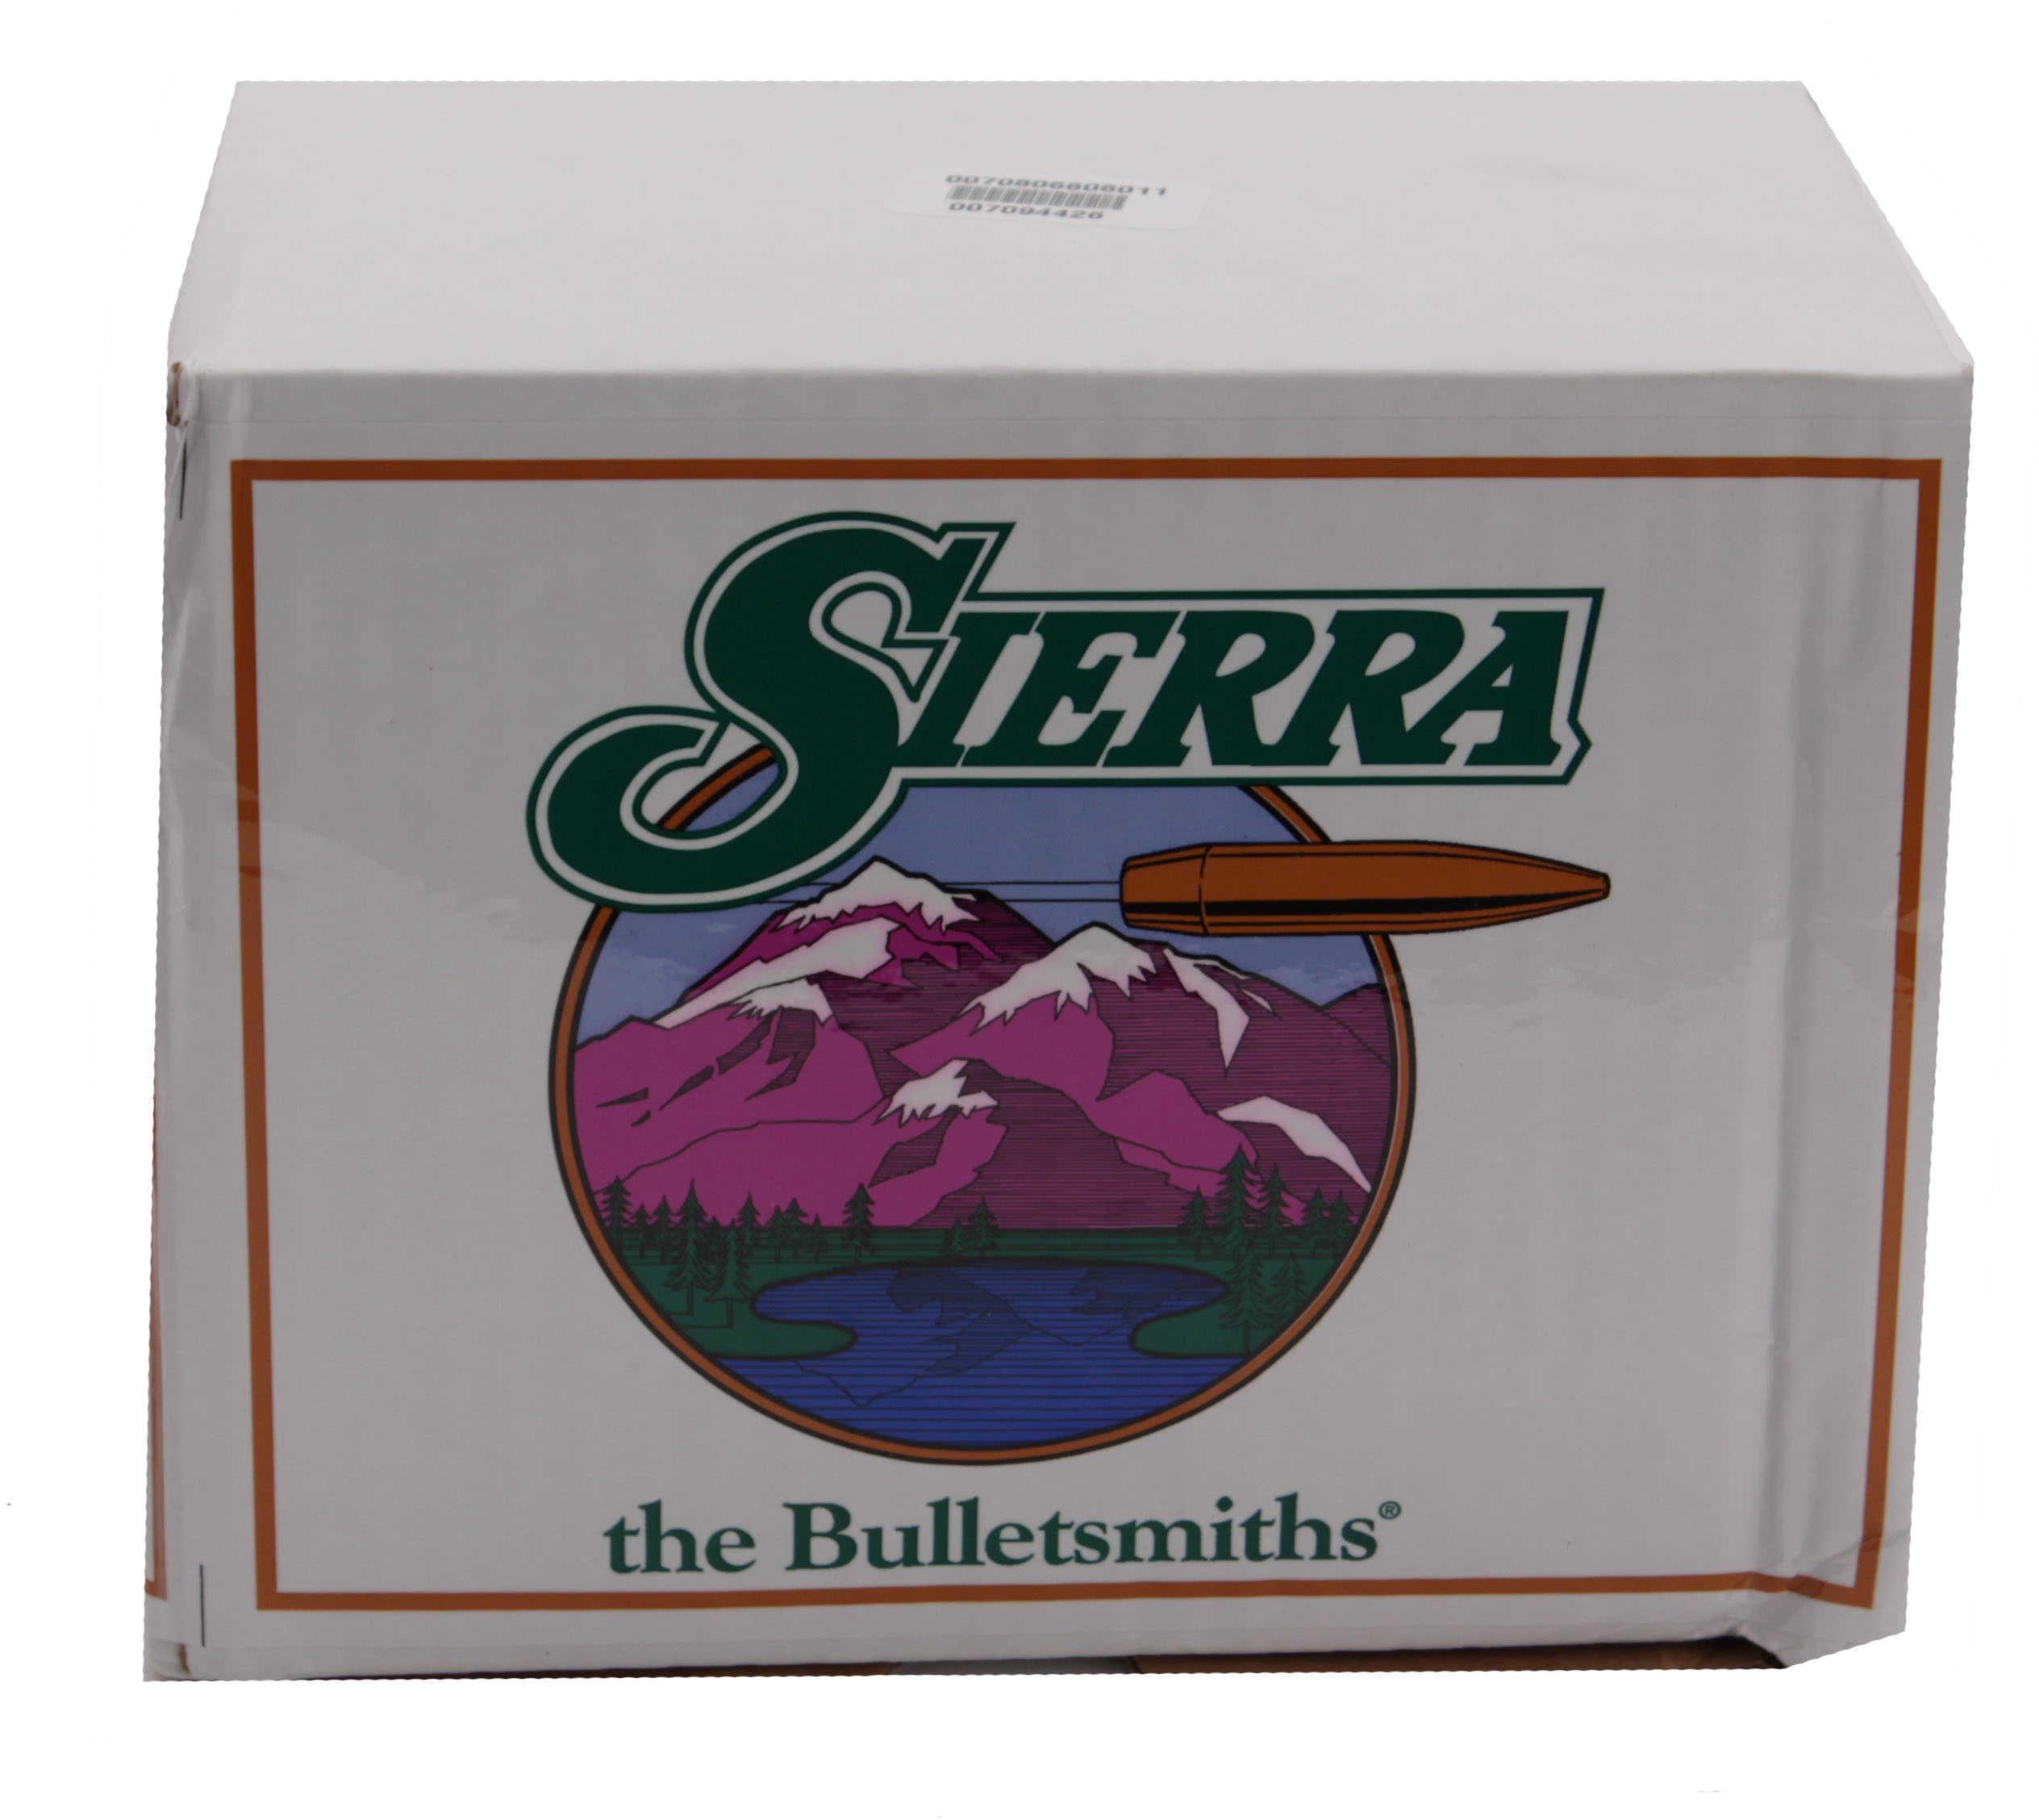 Sierra 375 Caliber 350 Grains HPBT Match (Per 500) Md: 9350